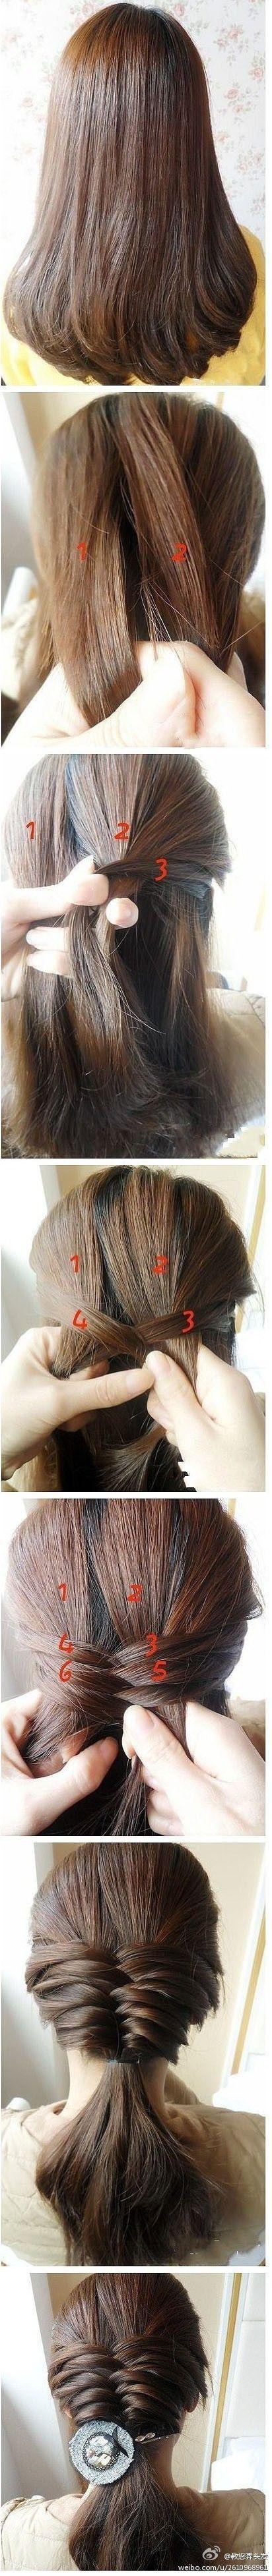 Cool Fishtail Idea